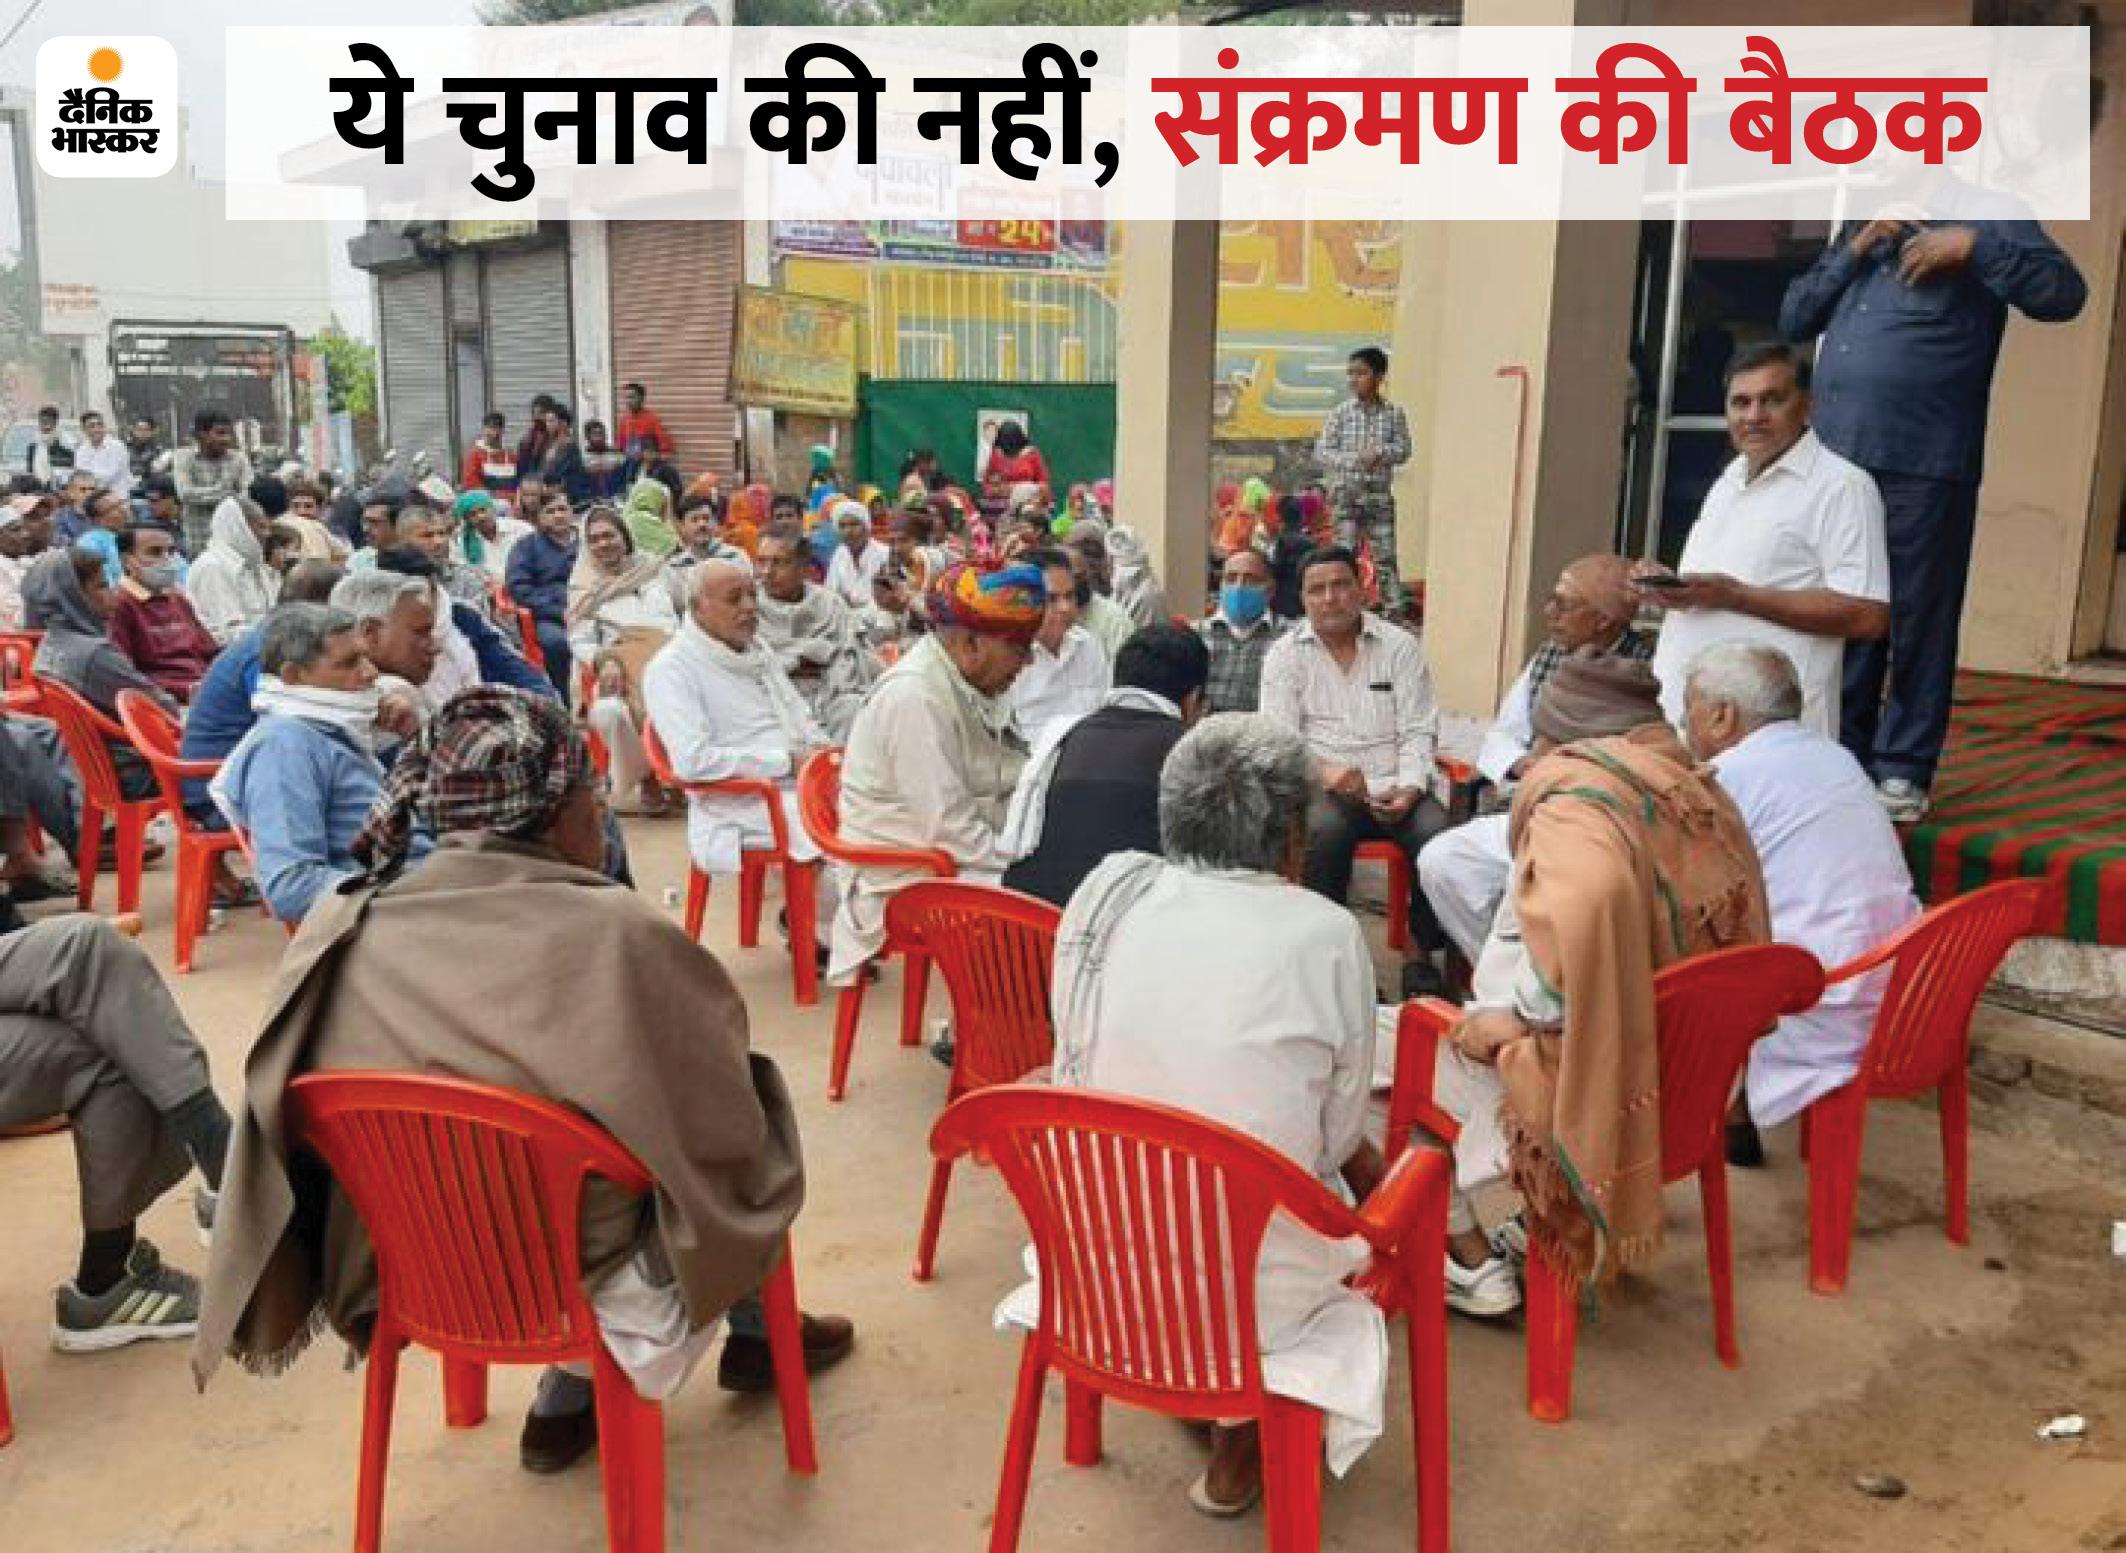 प्रदेश में 8 मंत्री और 39 विधायक पॉजिटिव, उनसे मिलने वाले नेता अलवर में निगम चुनाव का टिकट बांट रहे|राजस्थान,Rajasthan - Dainik Bhaskar